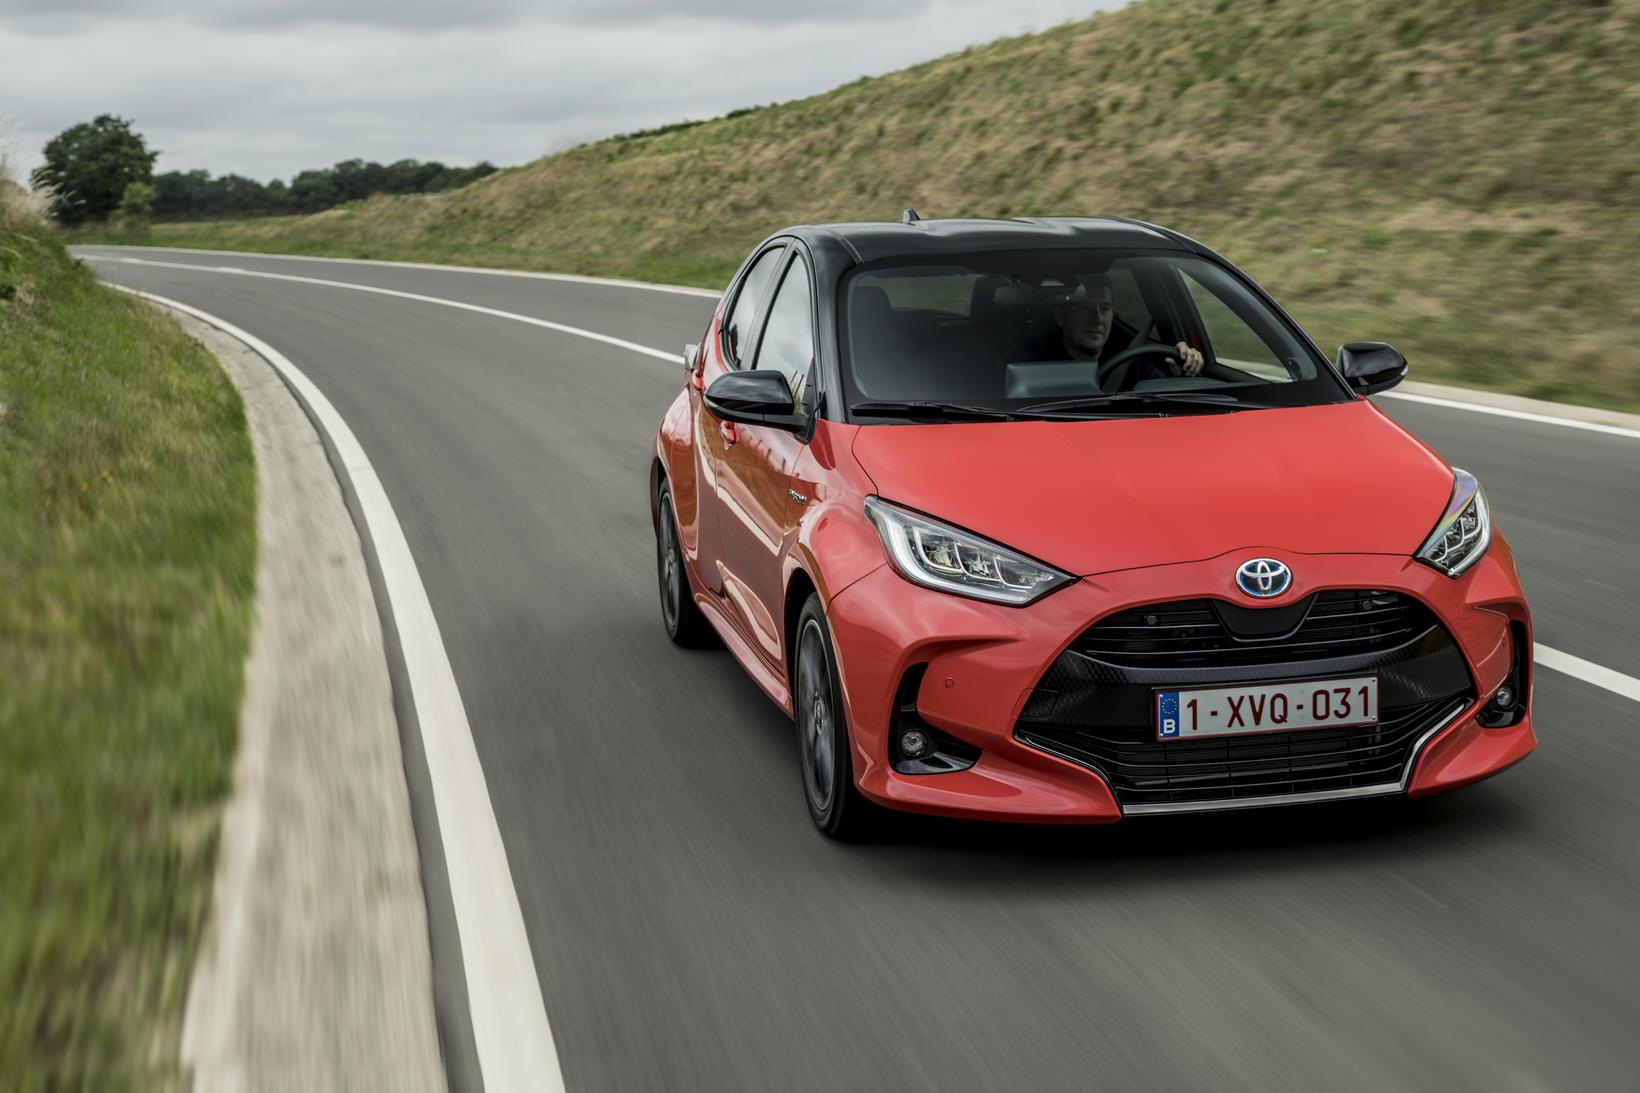 Toyota Yaris er bíll ársins 2021 í Evrópu.